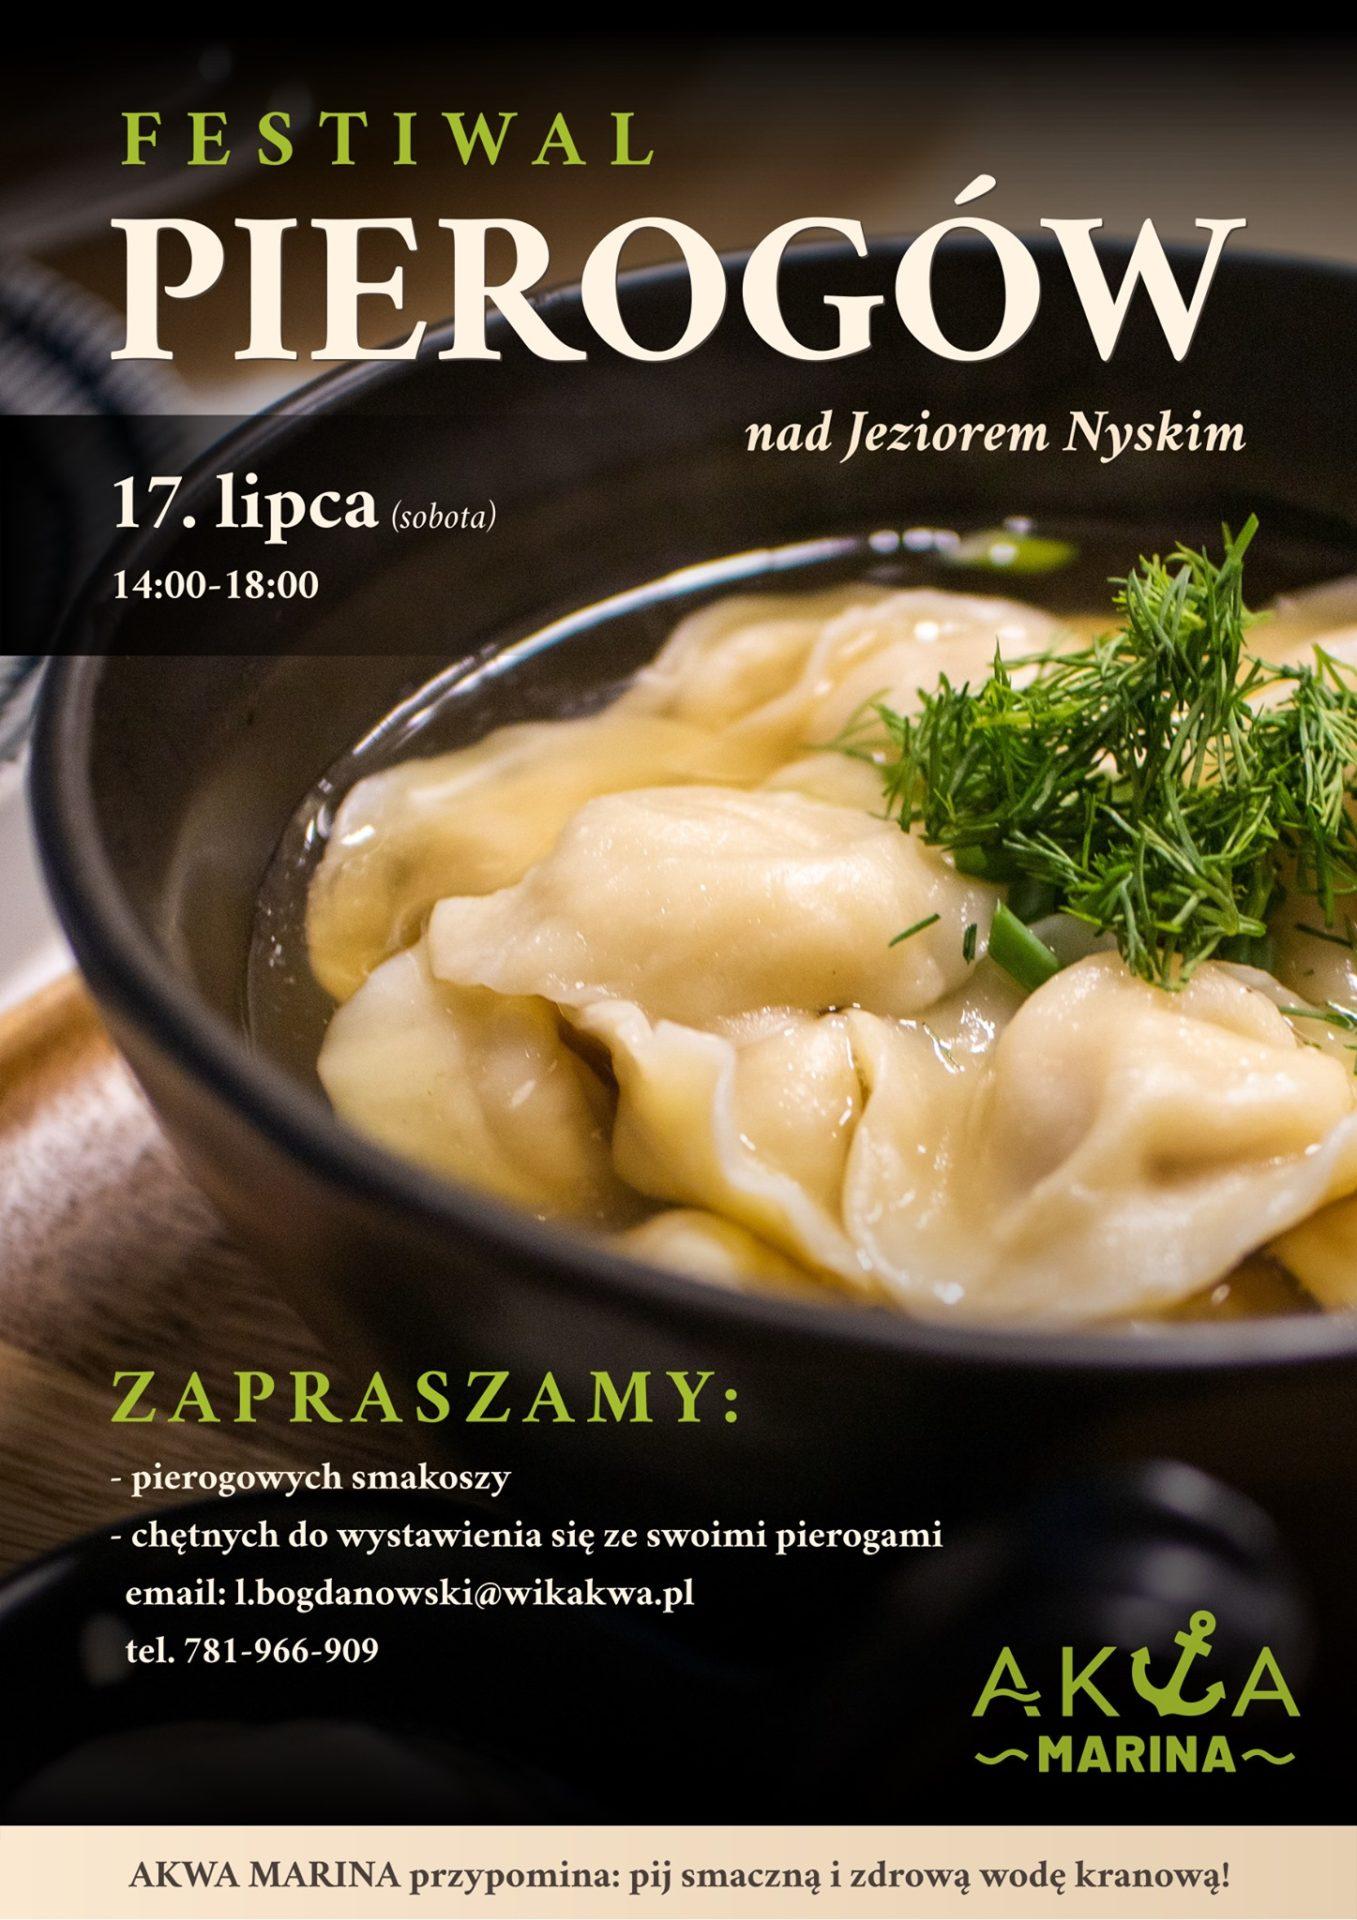 Festiwal Pierogów nad Jeziorem Nyskim